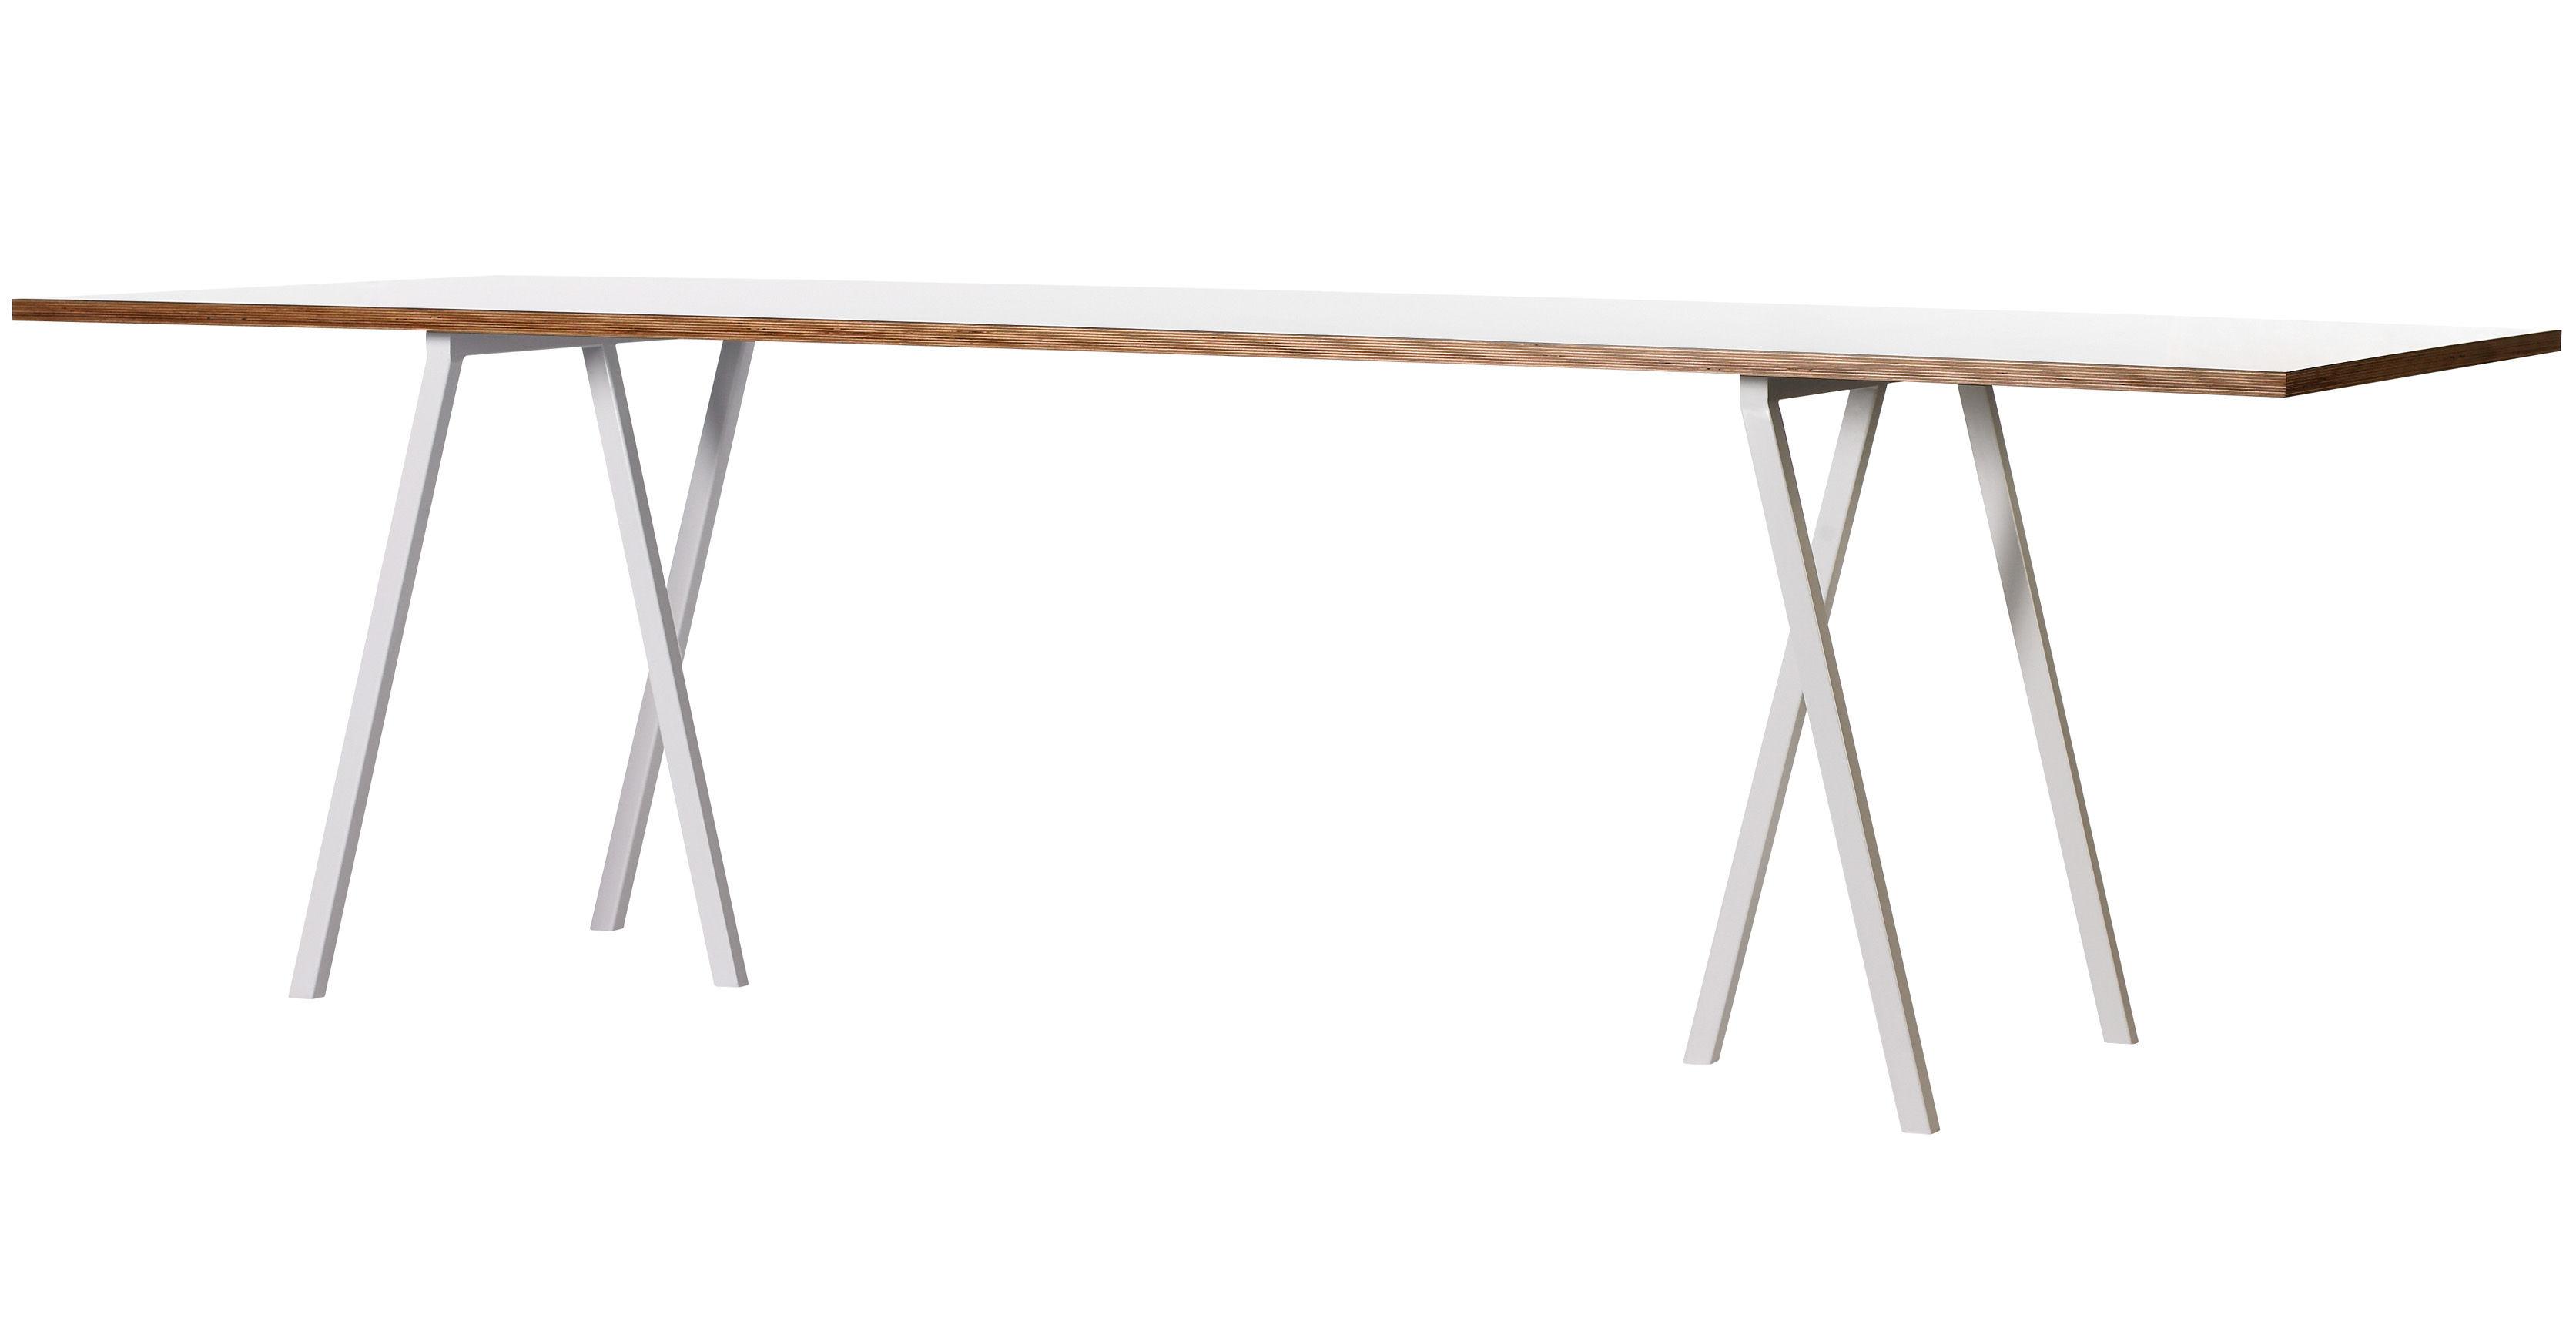 Vitrine IT - Vitrine Mobilier IT - Table rectangulaire Loop / L 200 cm - Hay - Blanc - Acier laqué, Stratifié